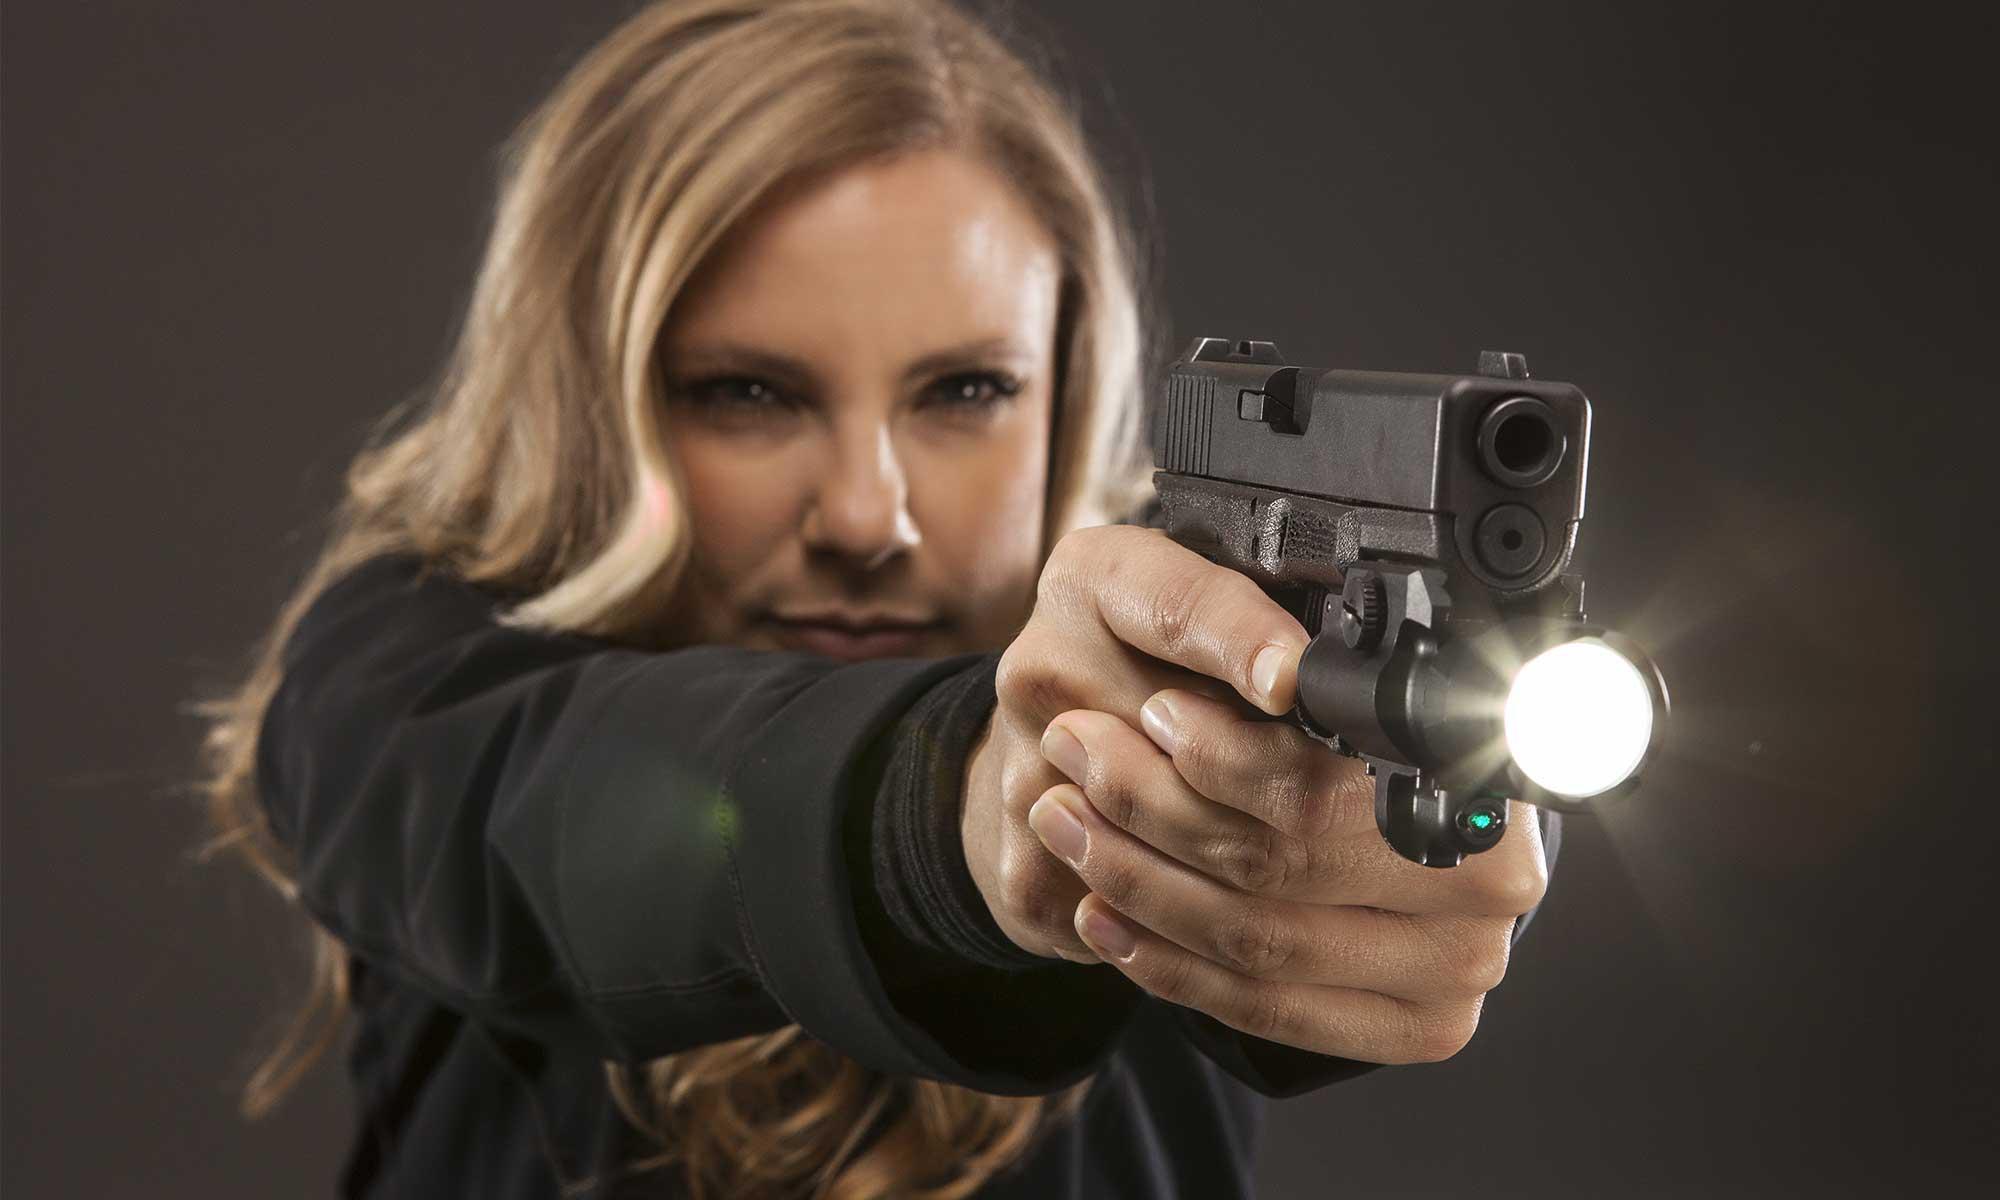 Advanced handgun